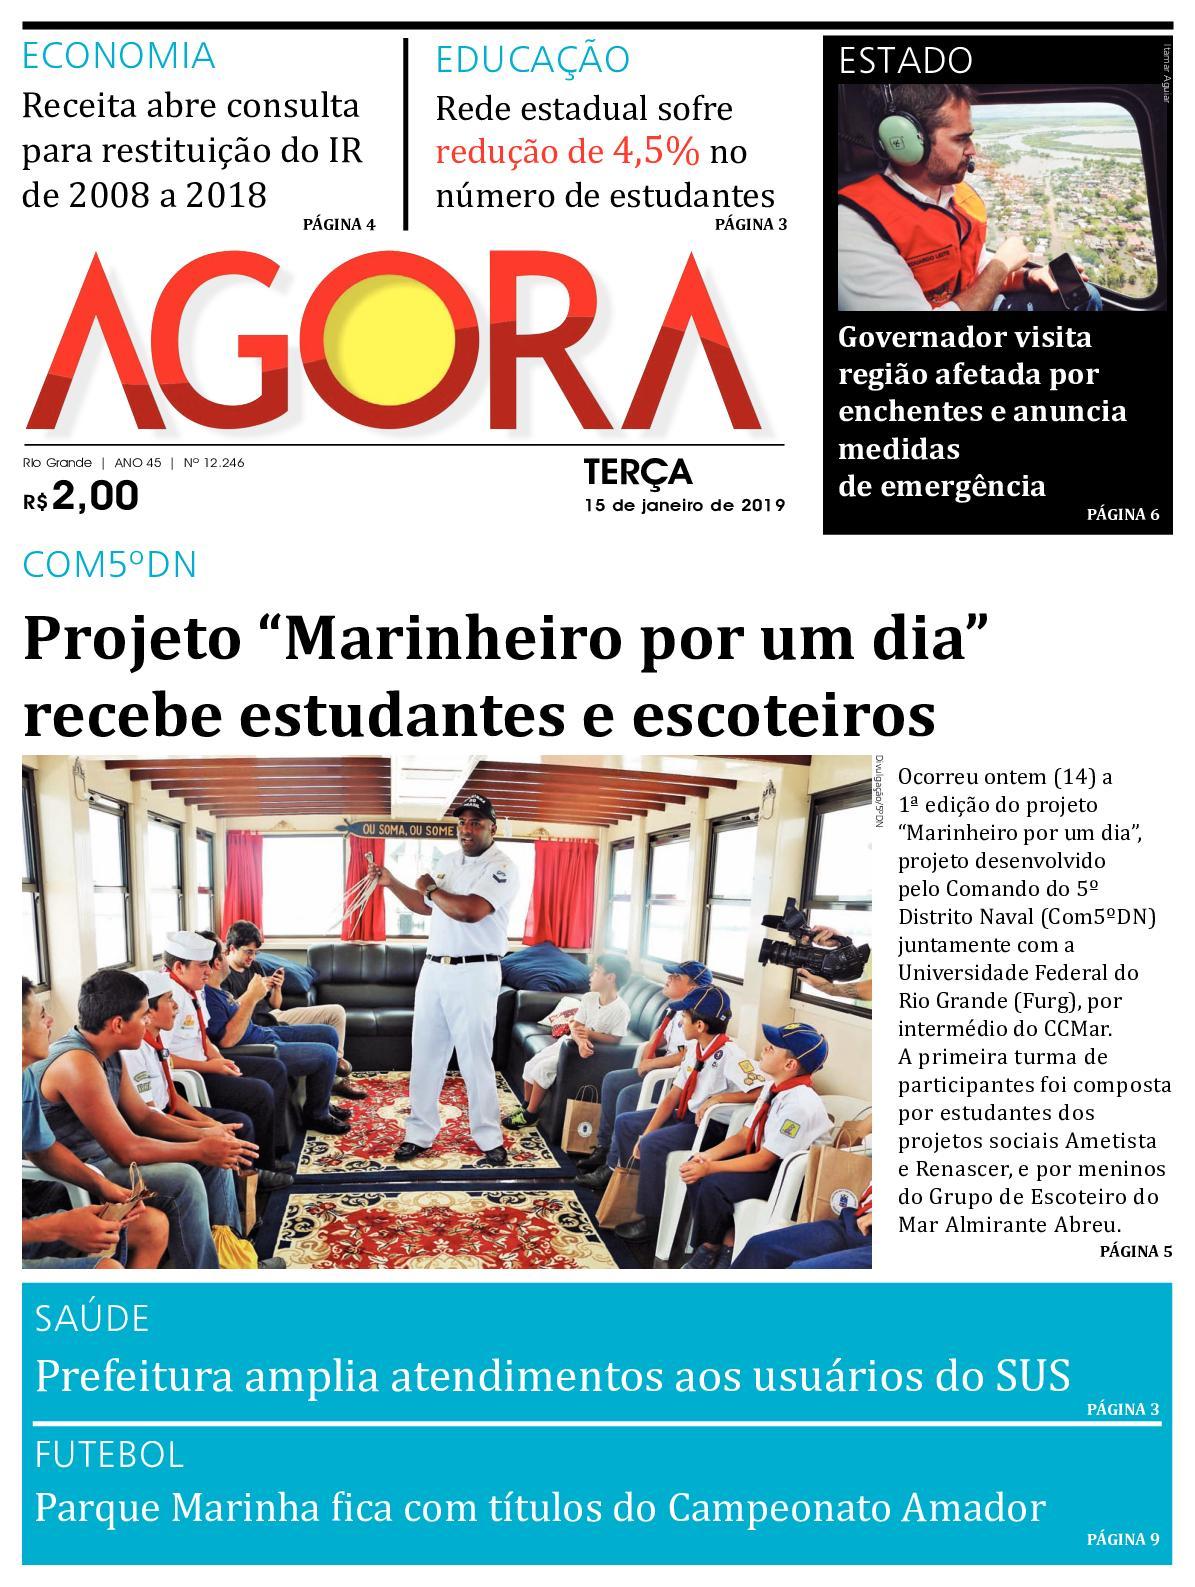 92d705955 Calaméo - Jornal Agora - Edição 12246 - 15 de Janeiro de 2019